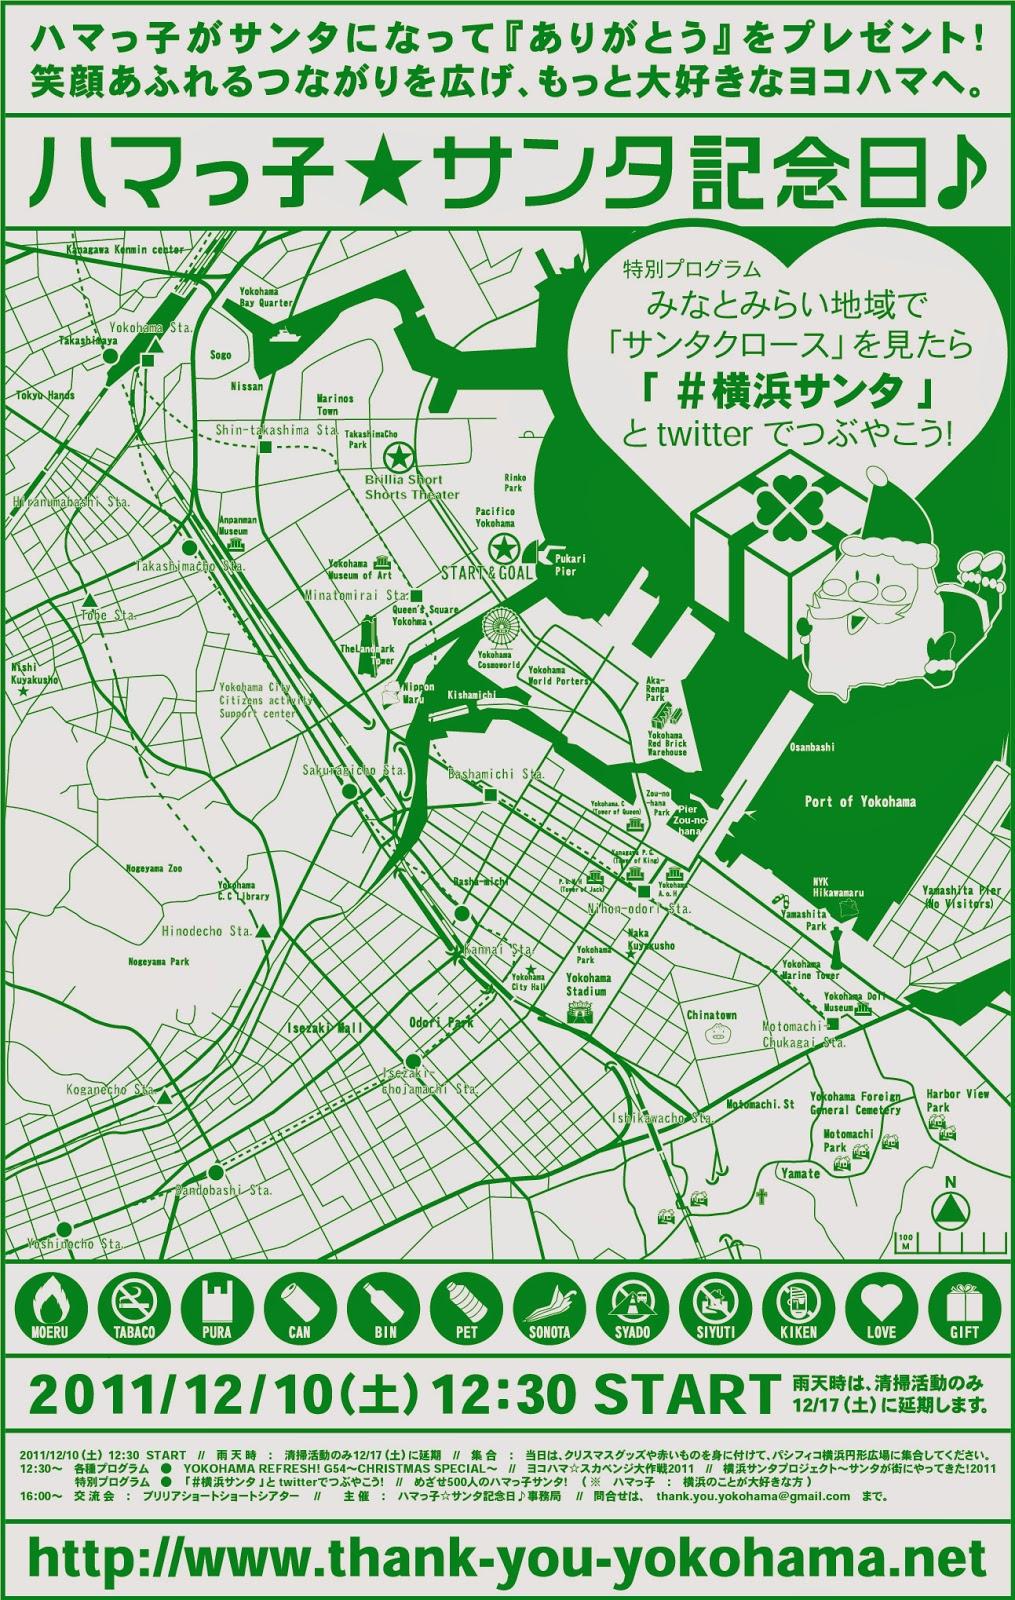 ヨコハマ☆スカベンジ大作戦2011